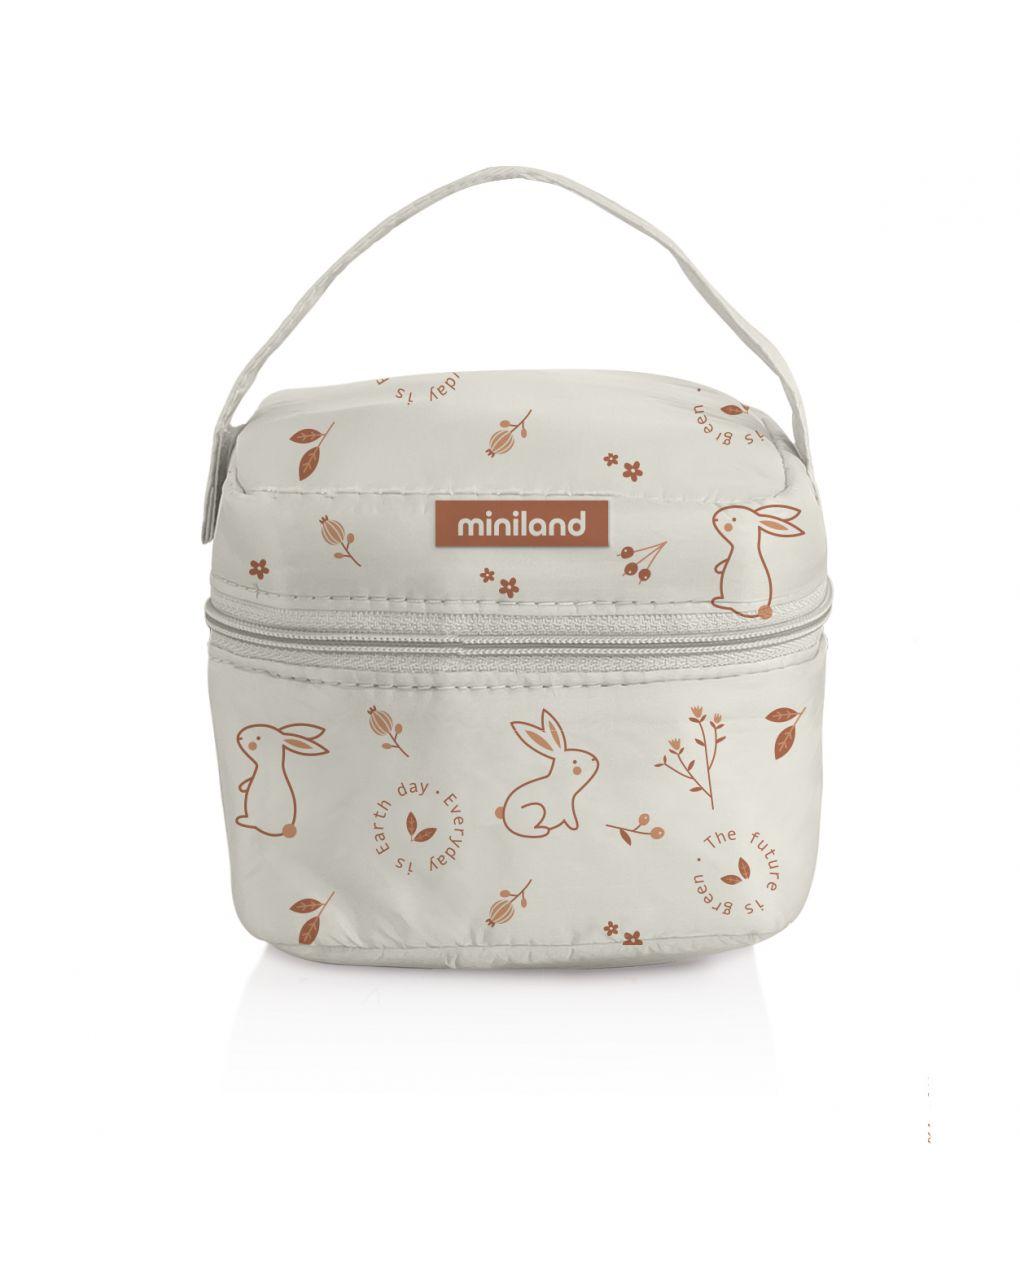 Pack-2-go natursquare bunny - Miniland